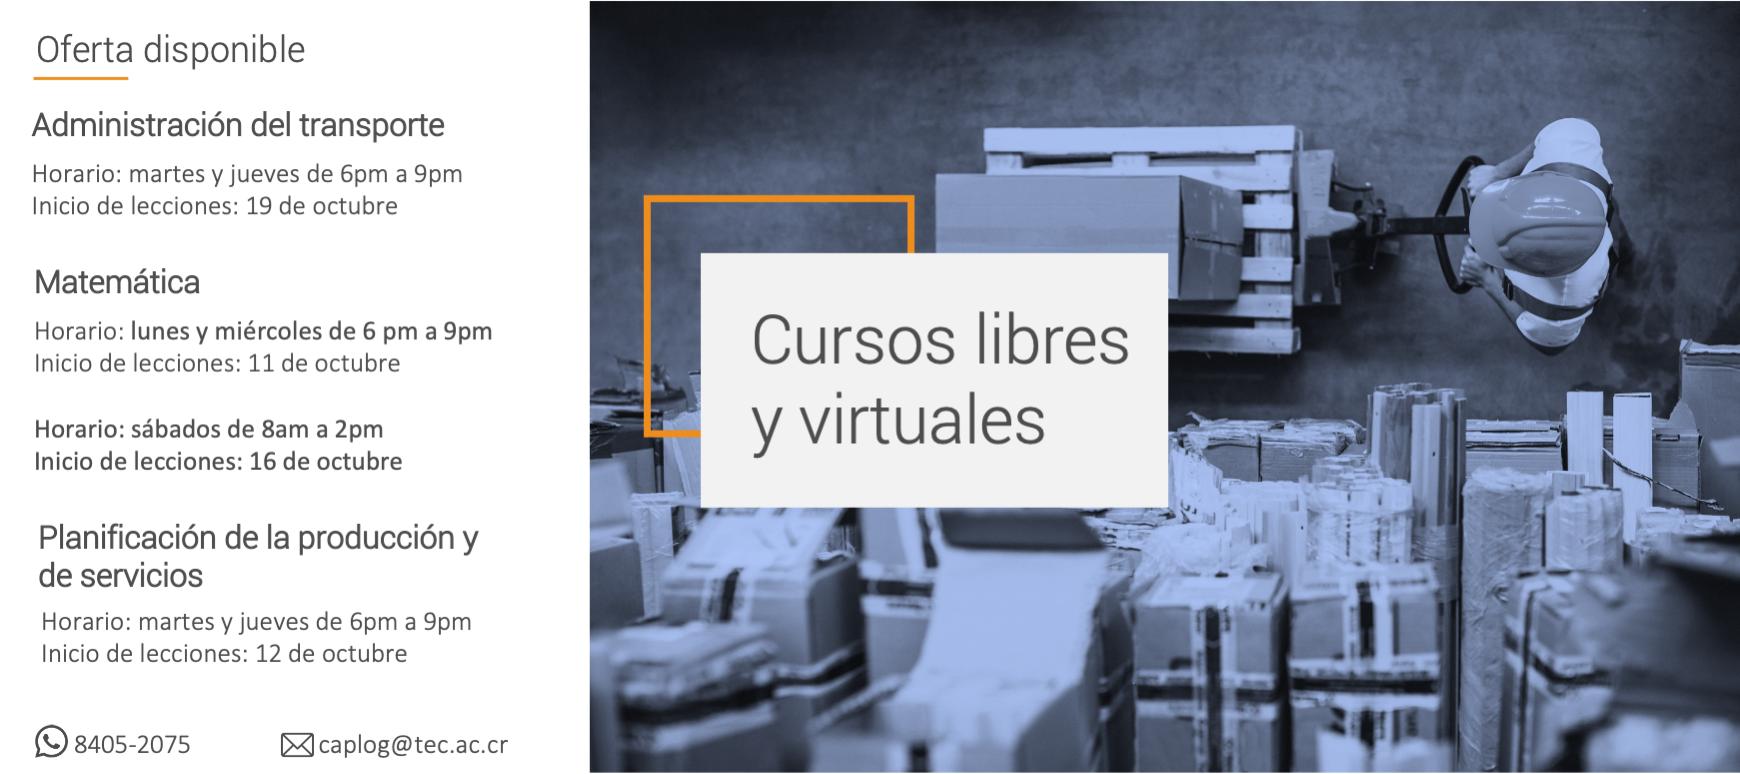 cursos libres y virtuales de octubre